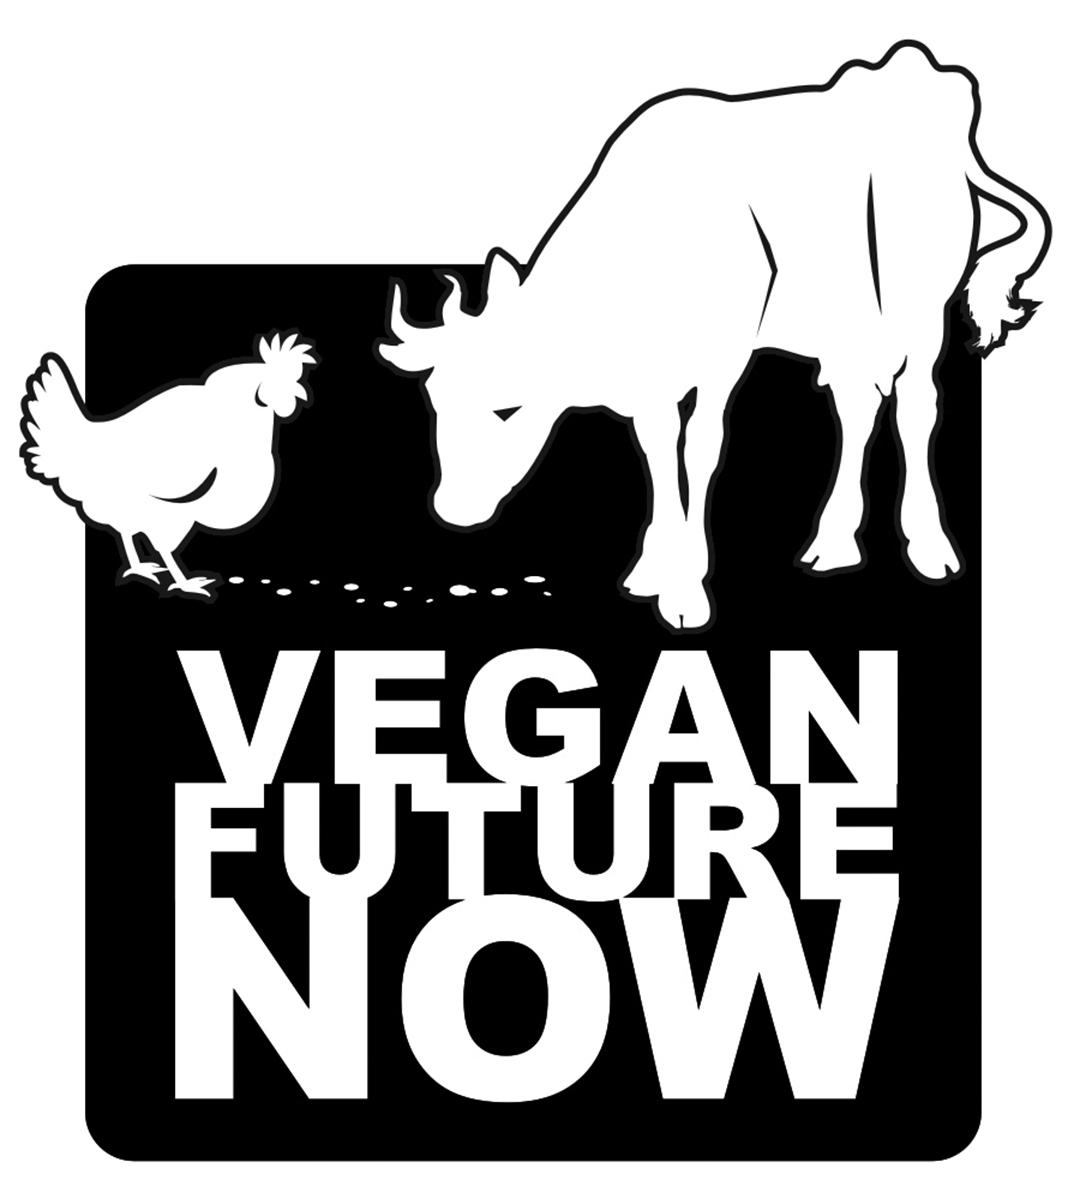 veganism and compassion vegan future now vegan future now